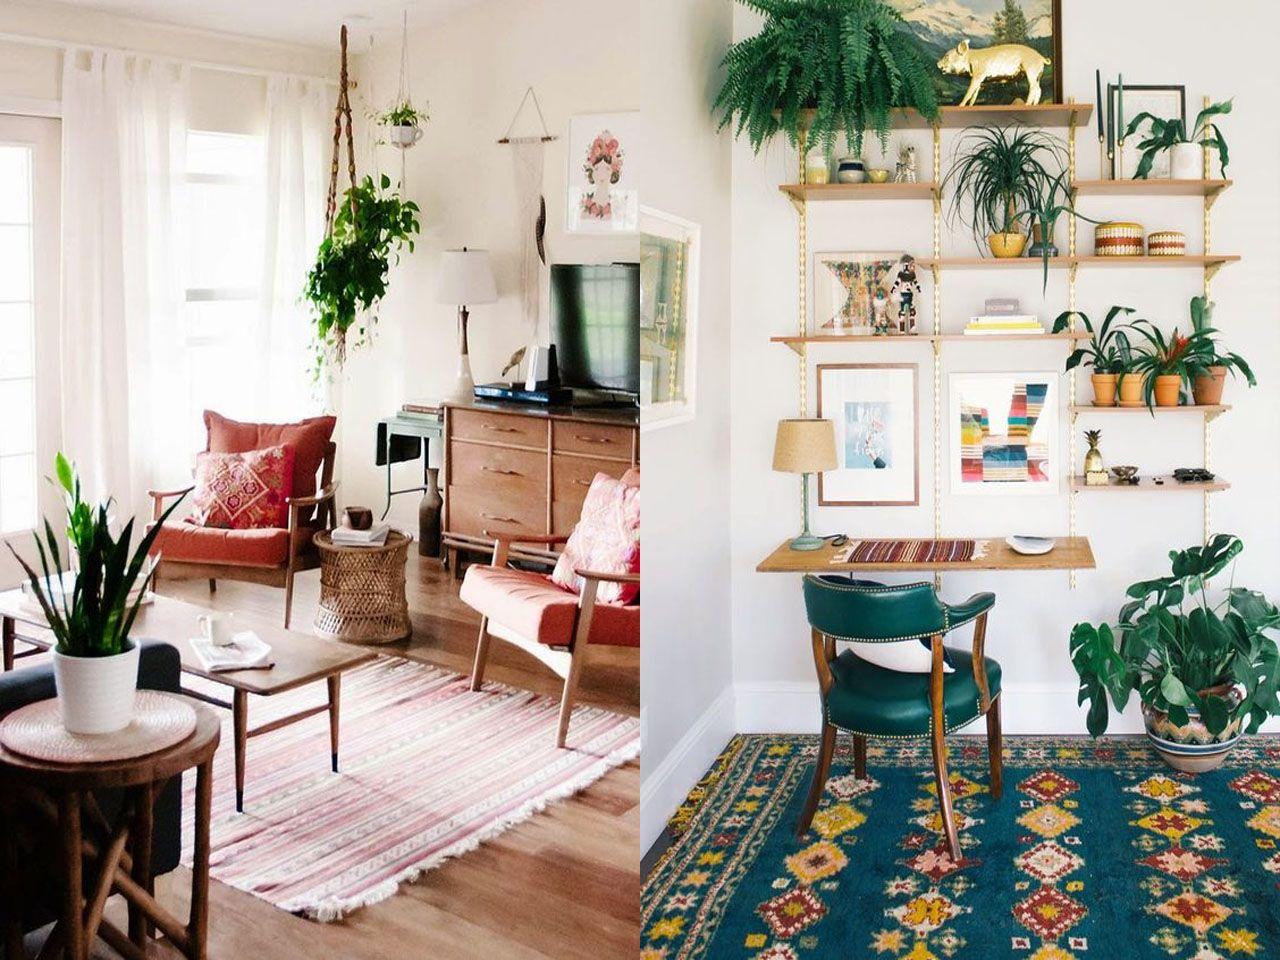 7 tips de decoraci n con alfombras que cambiar n tu hogar - Complementos decoracion salon ...